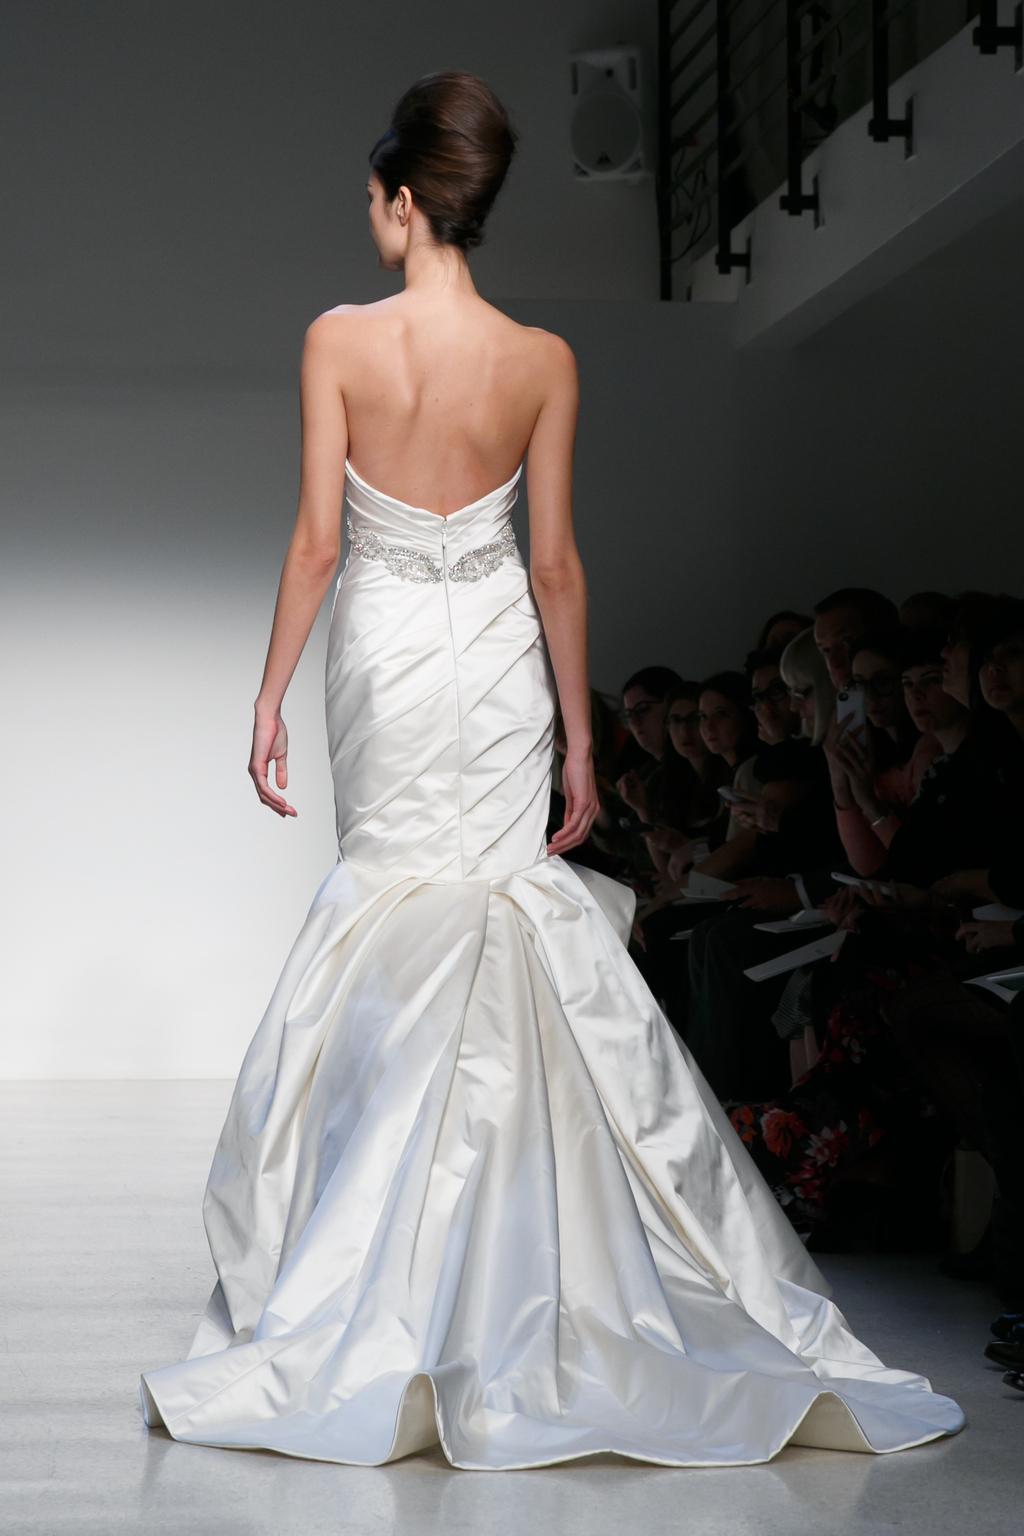 Fall-2013-wedding-dress-kenneth-pool-by-amsale-bridal-gowns-6c.full